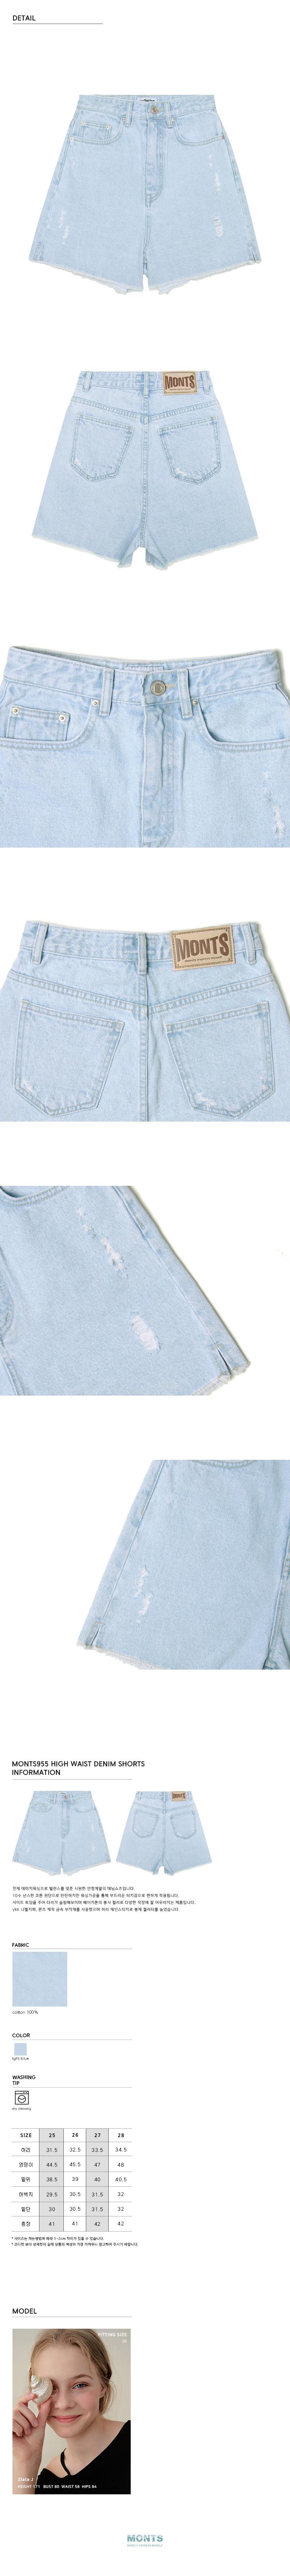 몬츠(MONTS) 955 high waist denim shorts